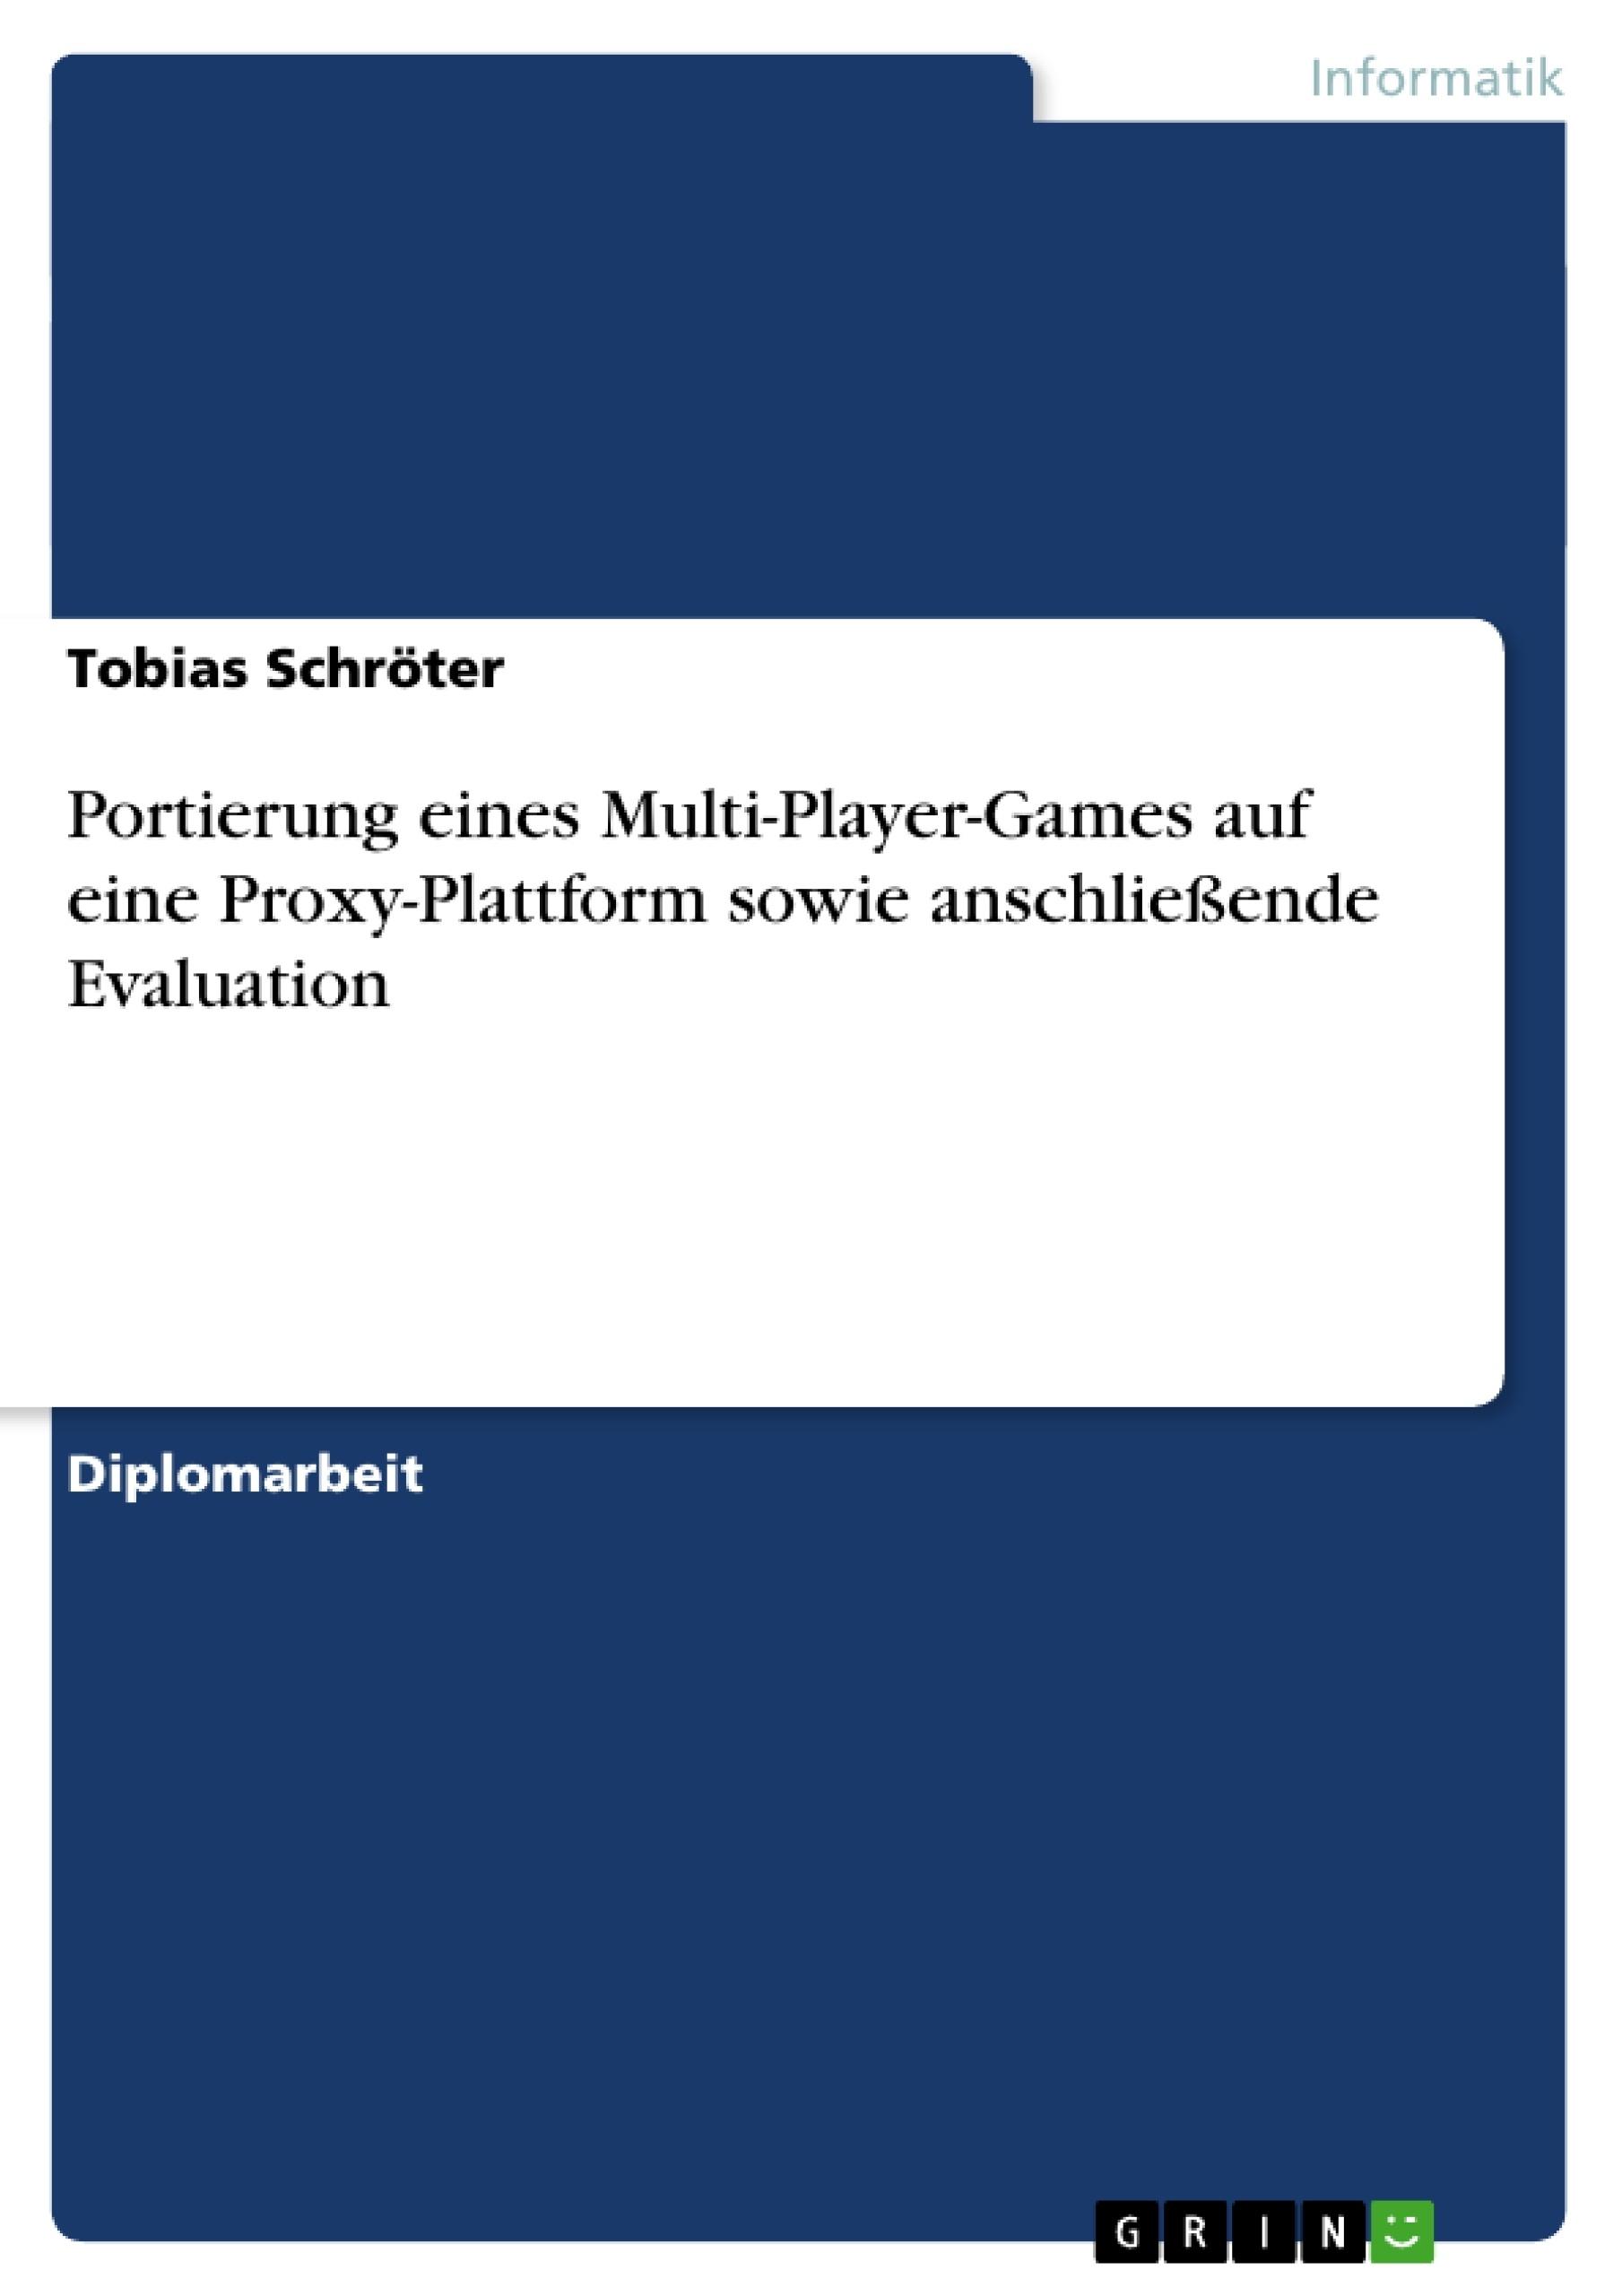 Titel: Portierung eines Multi-Player-Games auf eine Proxy-Plattform sowie anschließende Evaluation